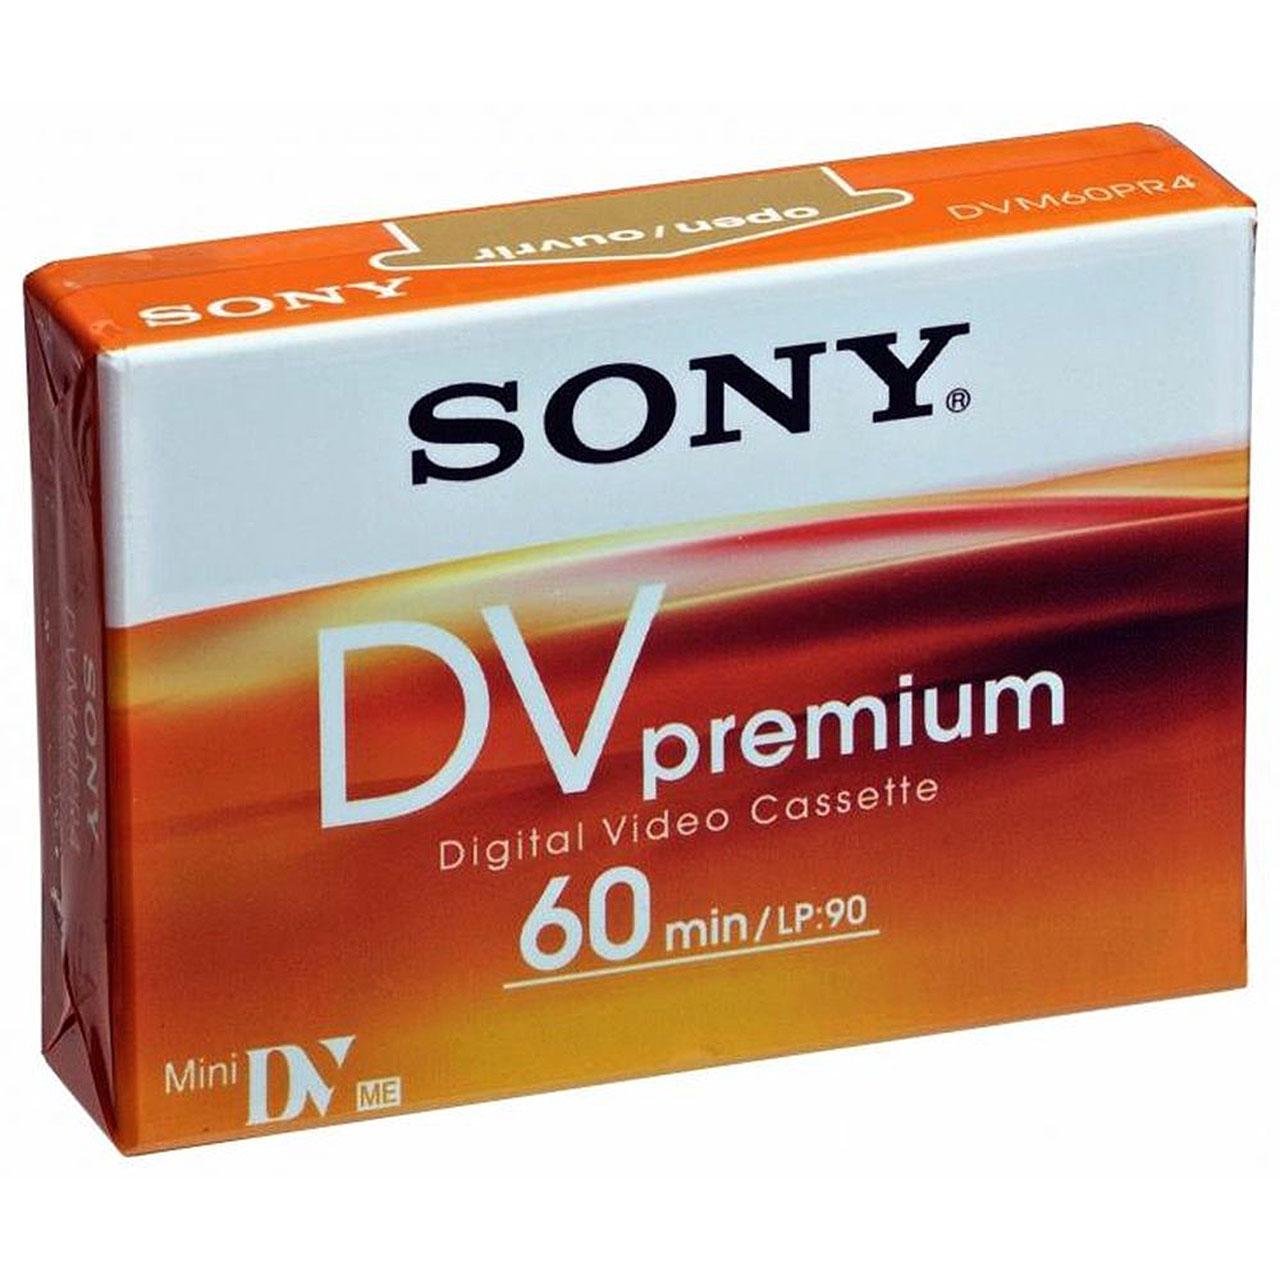 فیلم mini DV سونی مدل DV Premium